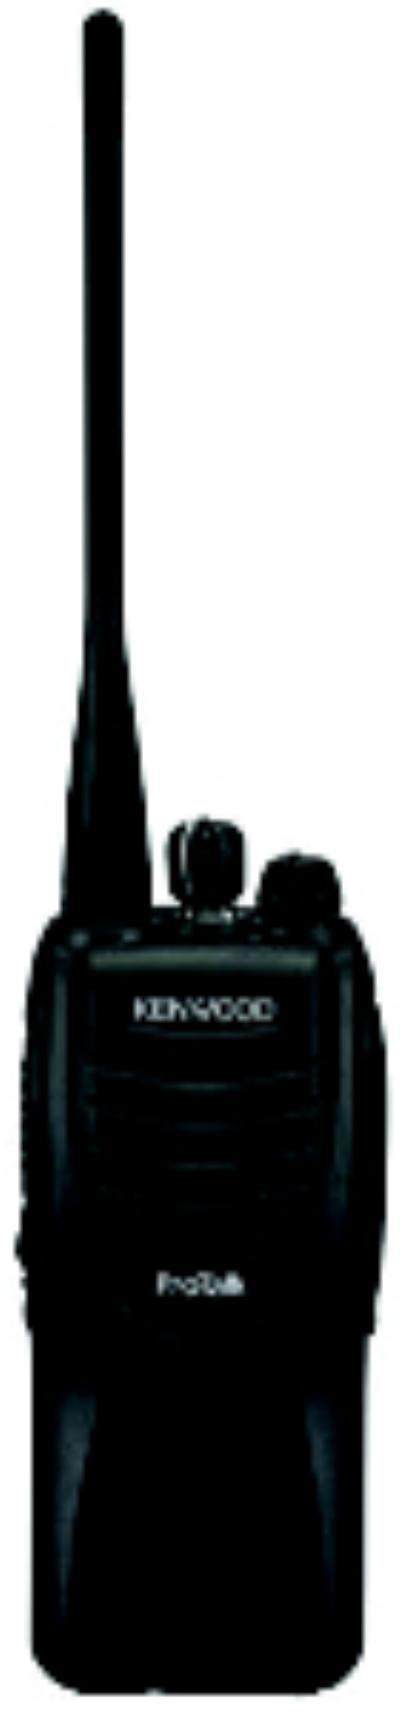 Pro-Talk 2 Watts Portable UHF Radio